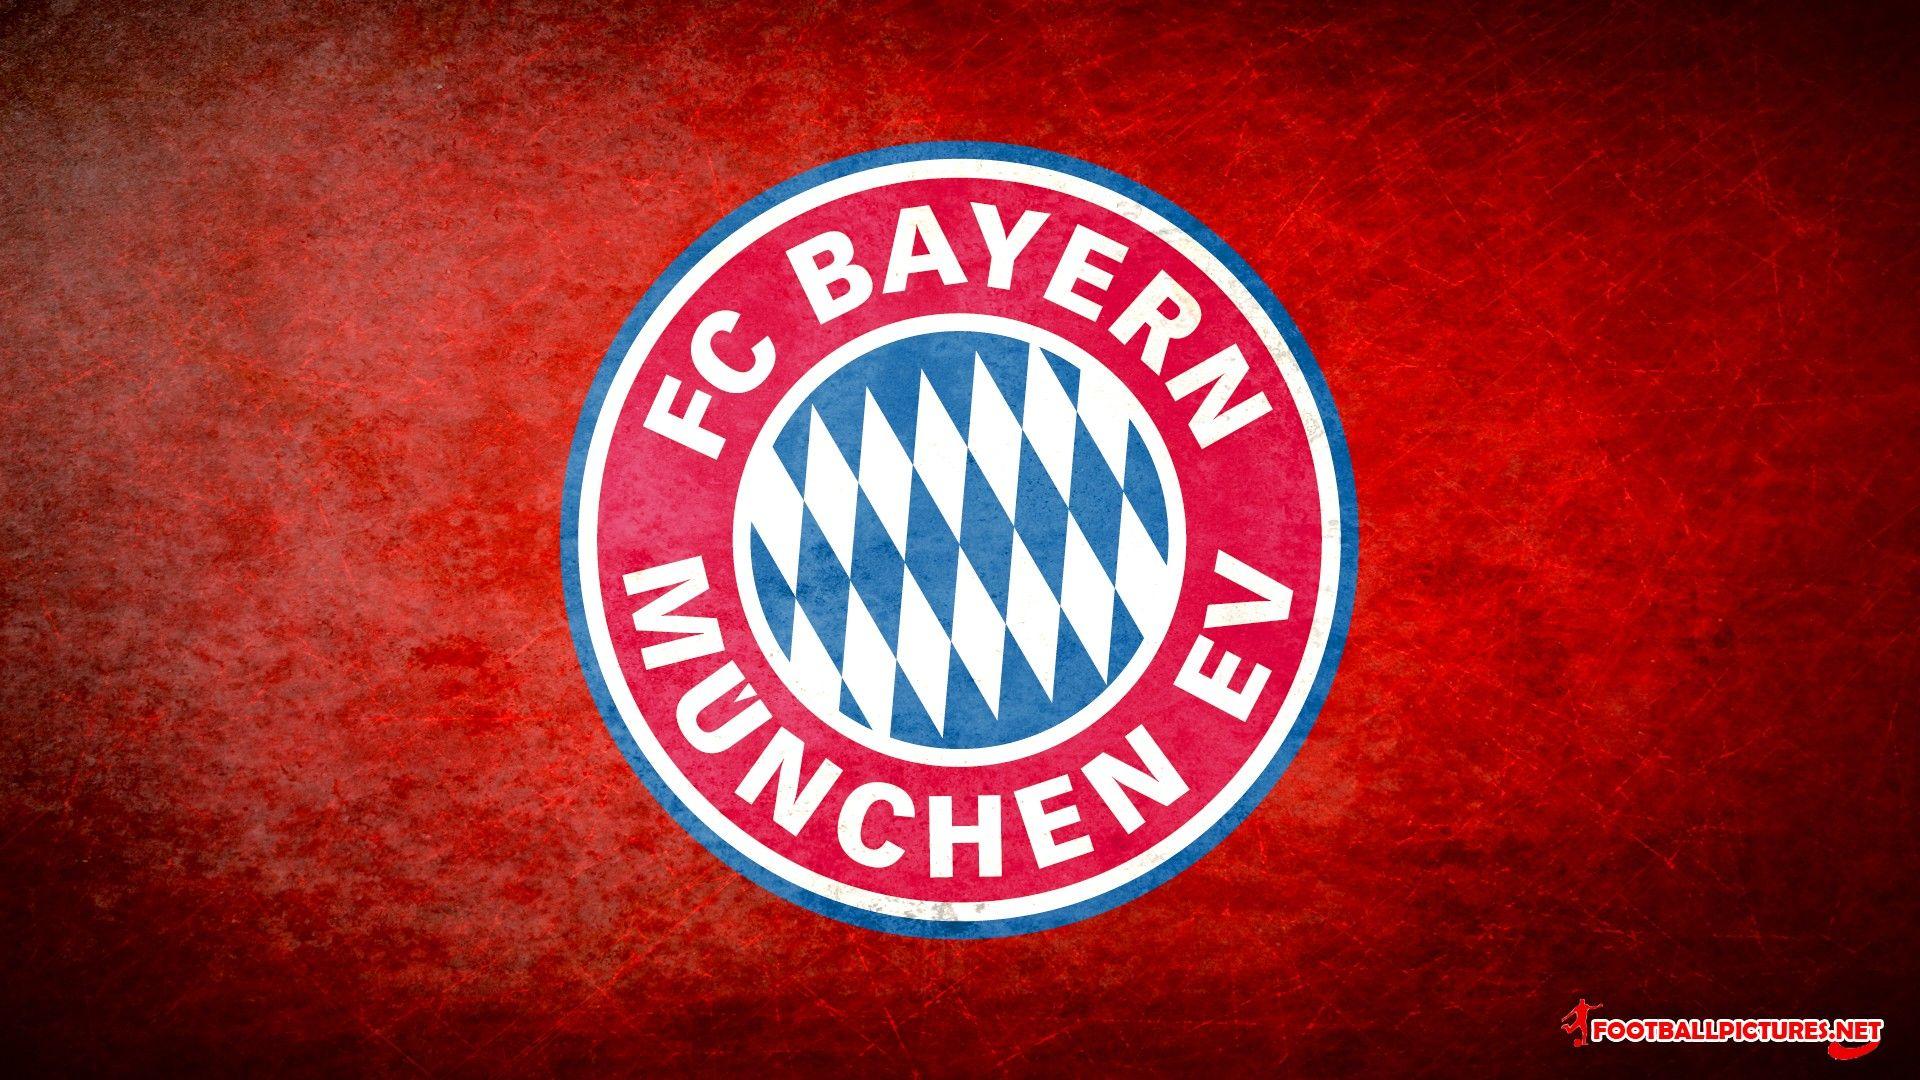 Bayern Munchen 1920x1080 Bilder Und Hintergrundbild Bayern German Football League Bayern Munich Wallpapers